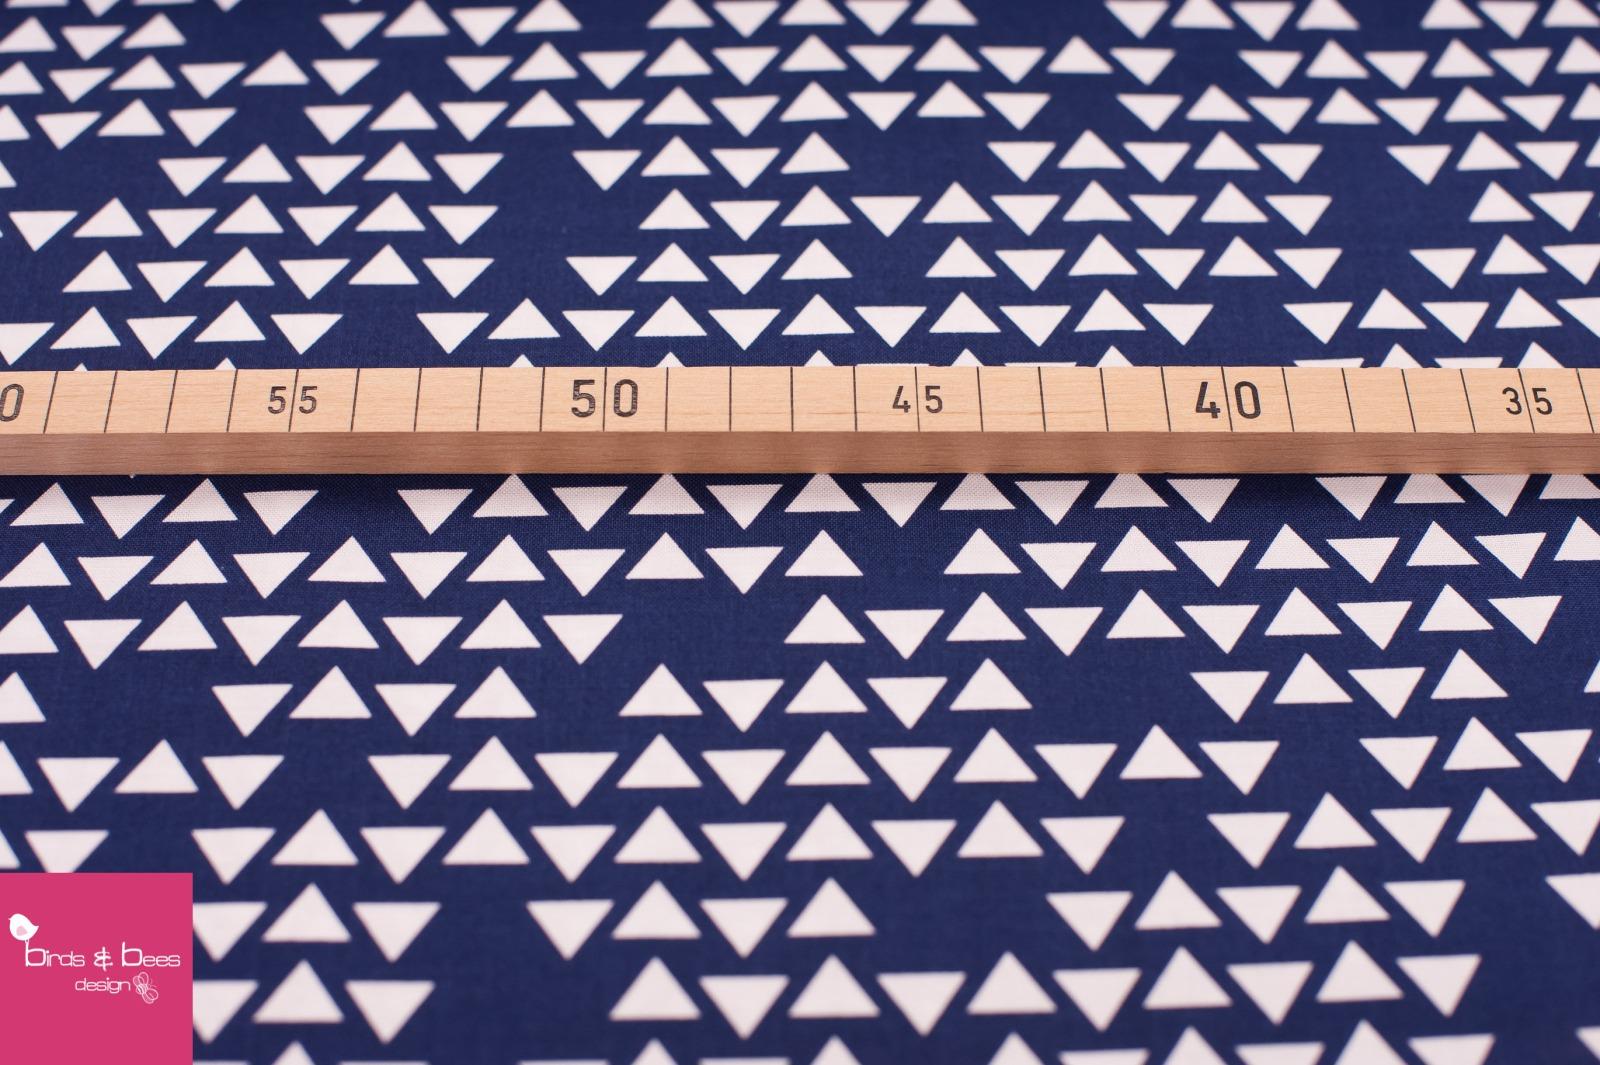 POPULAR DEMAND triangle navi 2